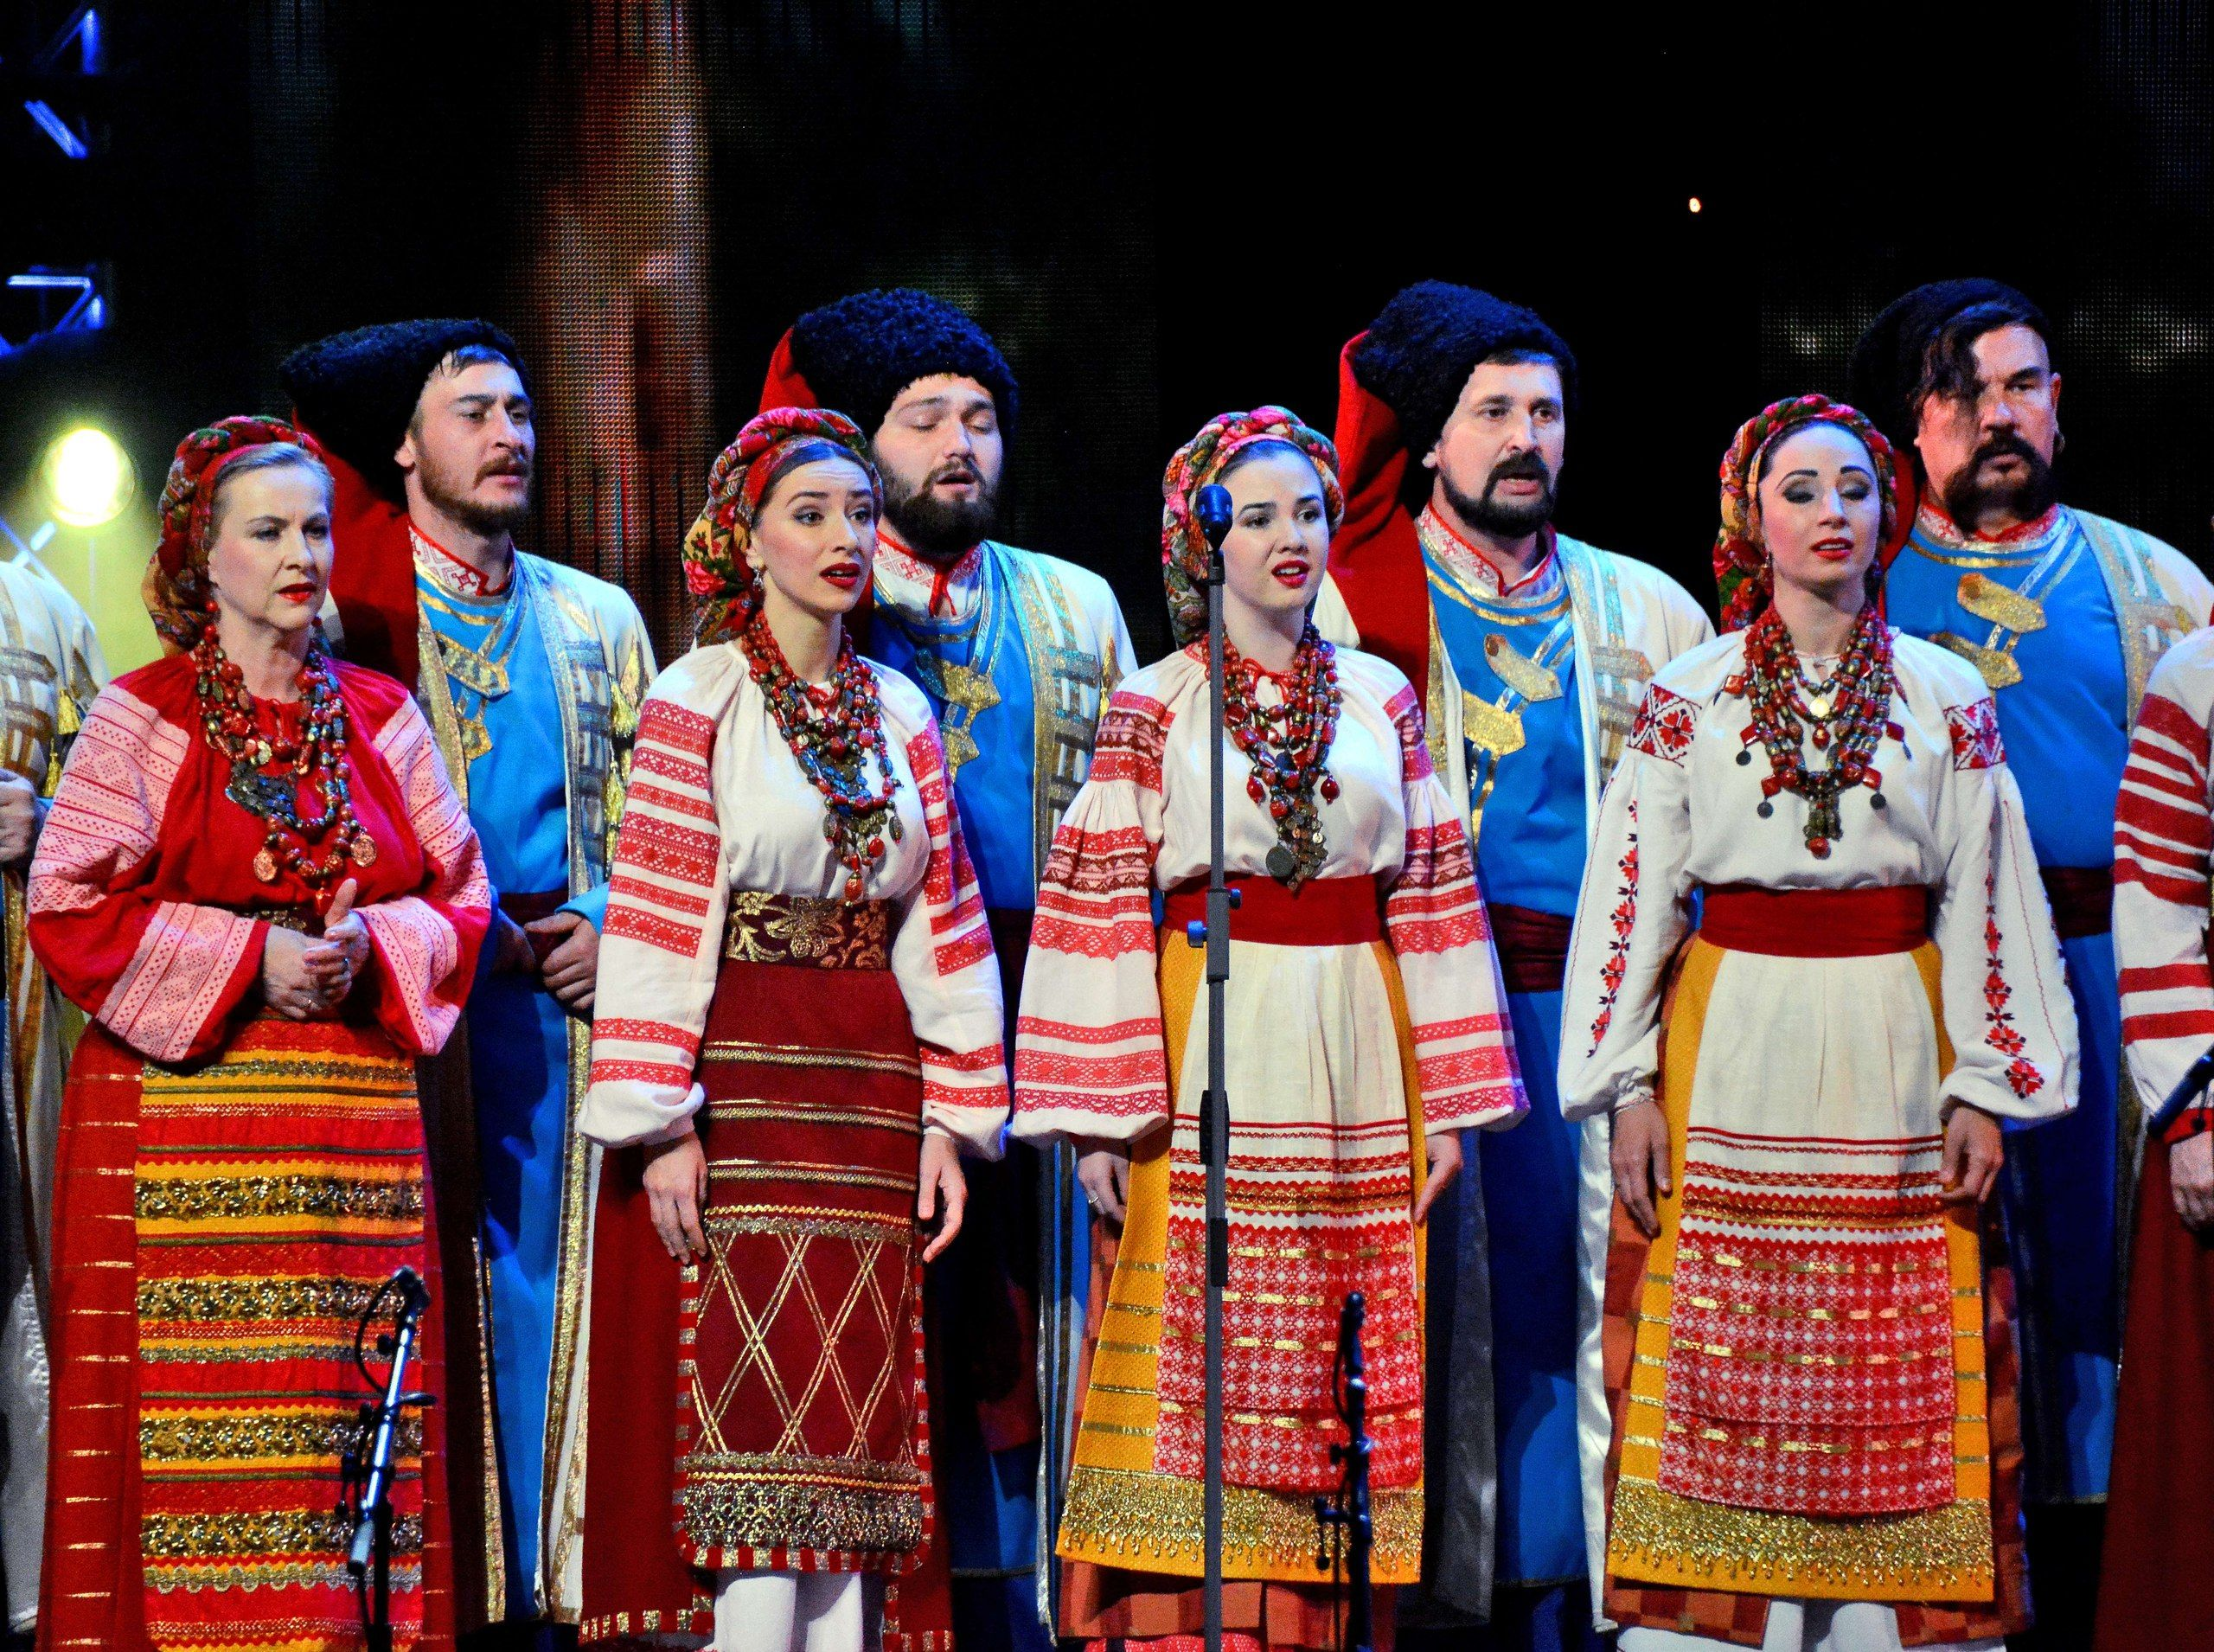 фото кубанский казачий хор сможешь гвоздь любой